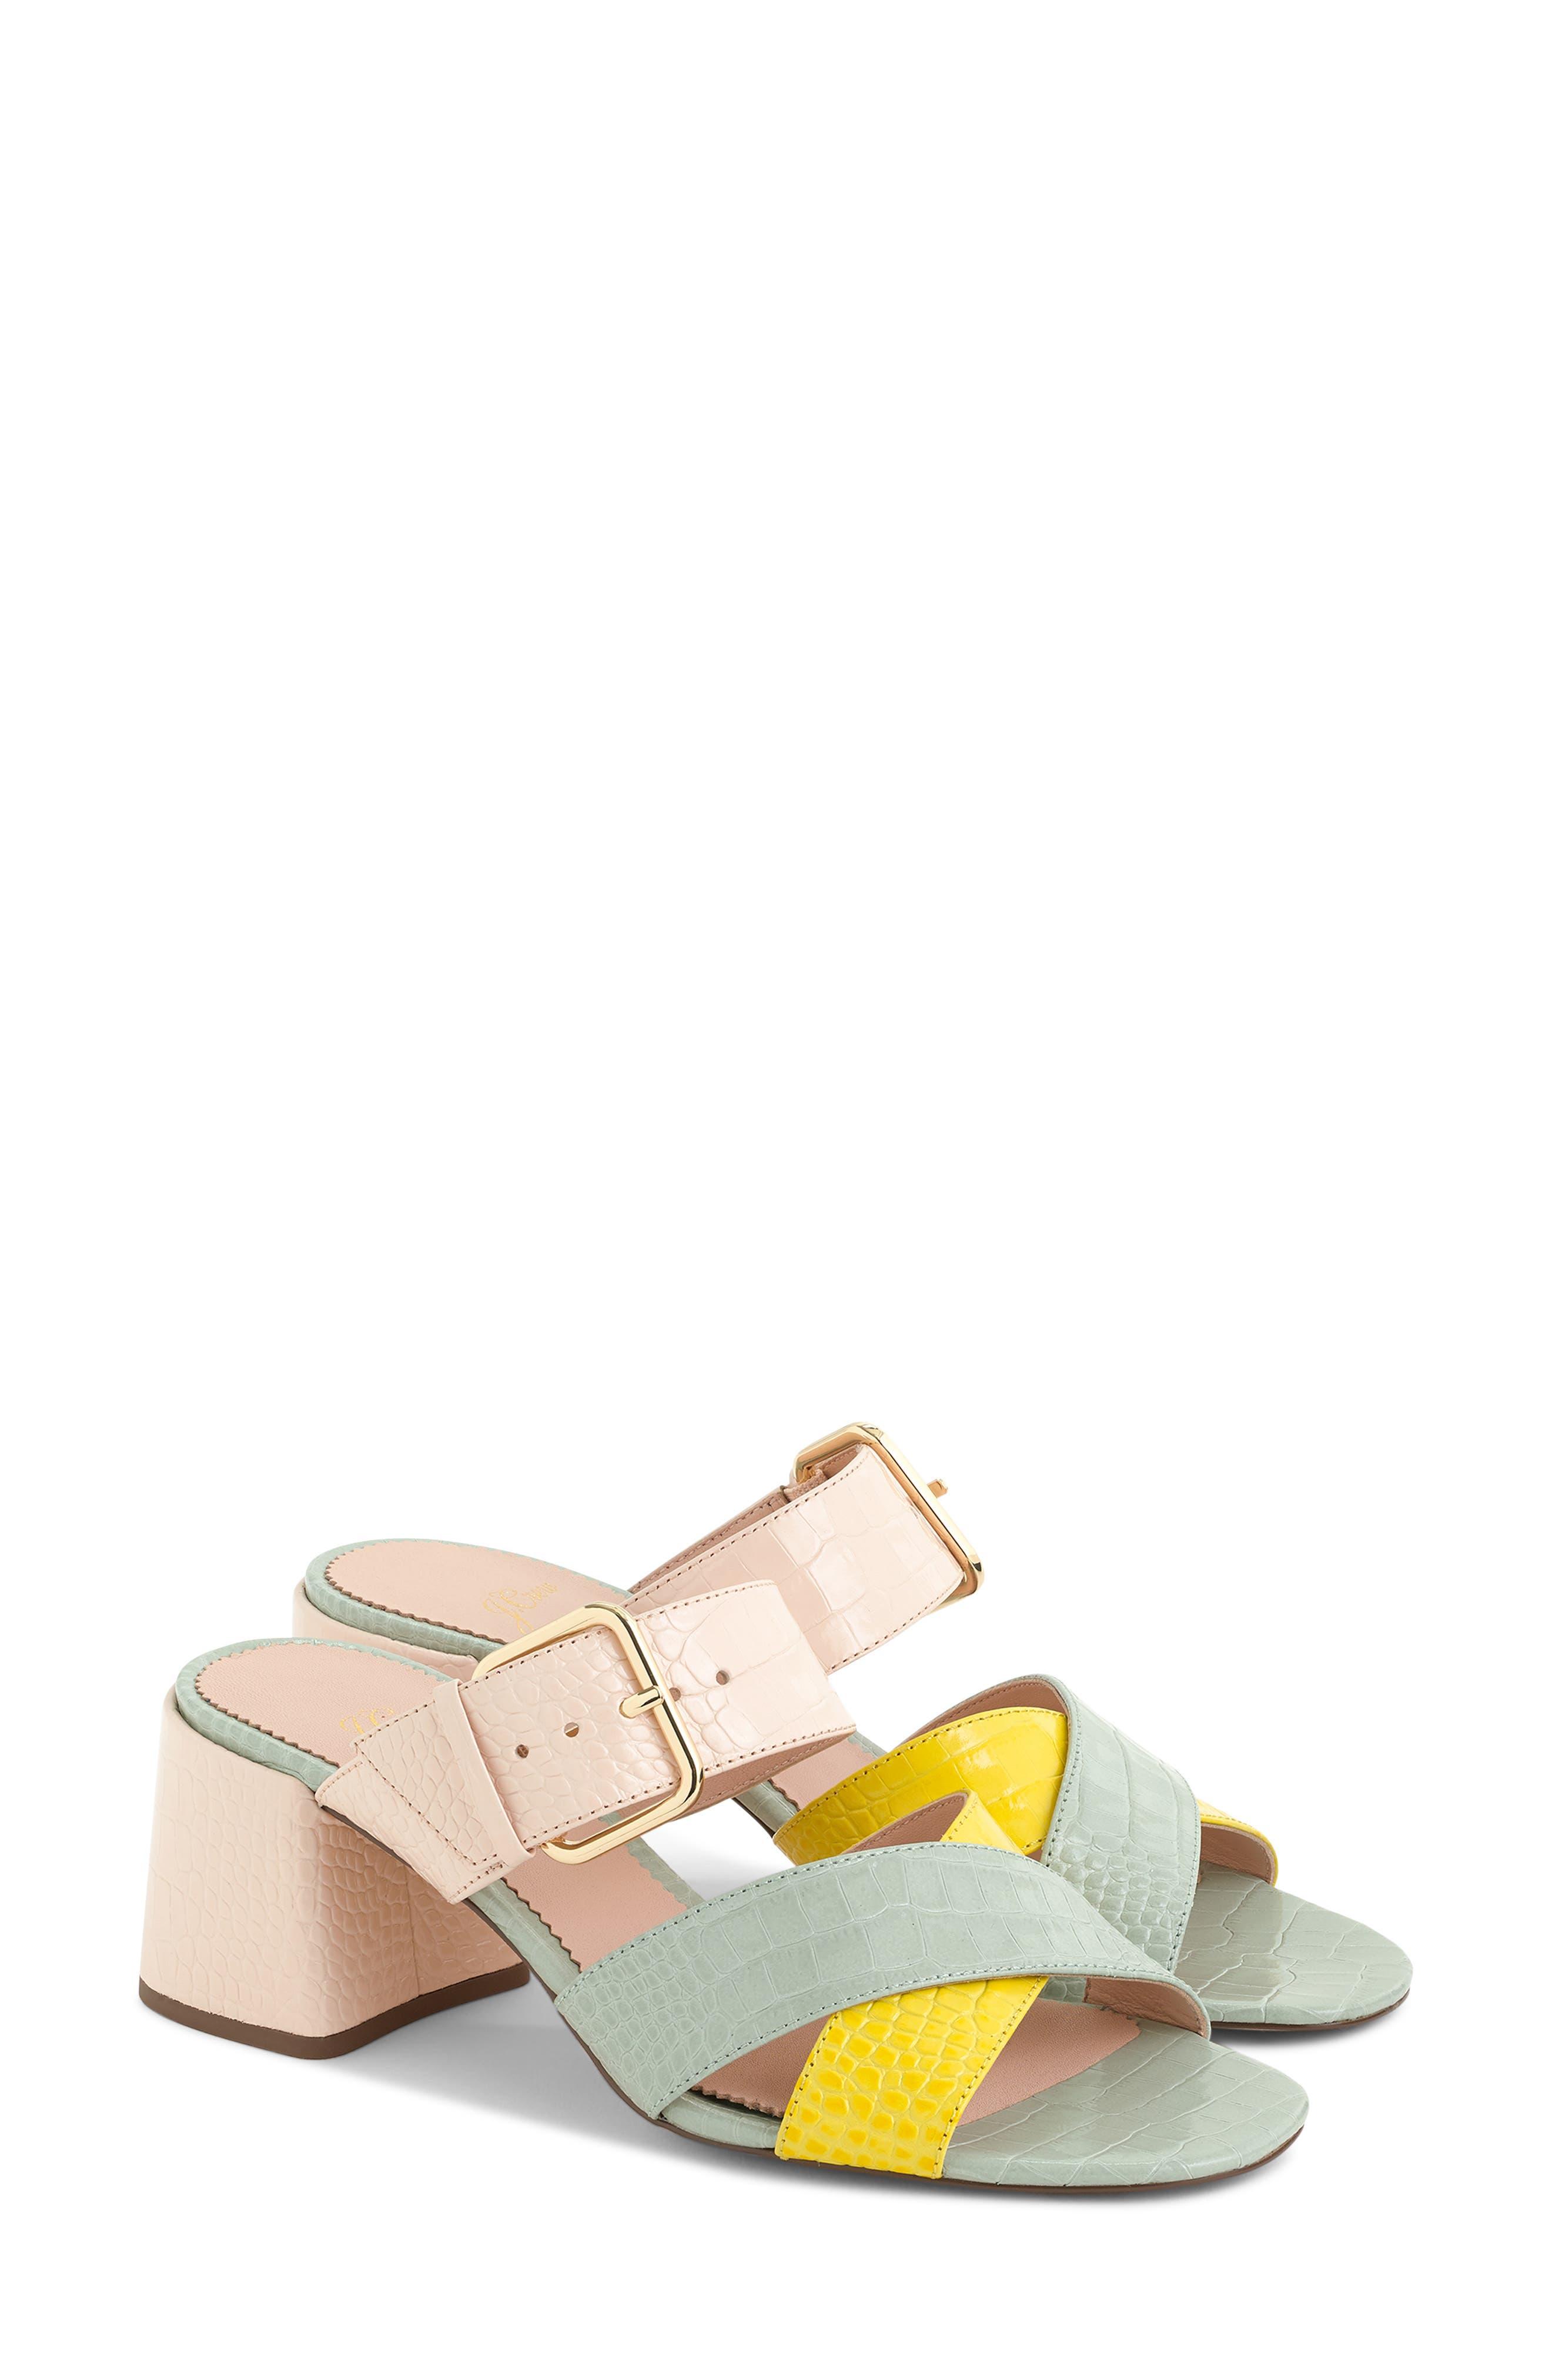 Penny Colorblock Faux Croc Slide Sandal,                             Main thumbnail 1, color,                             BRIGHT YOLK SUEDE